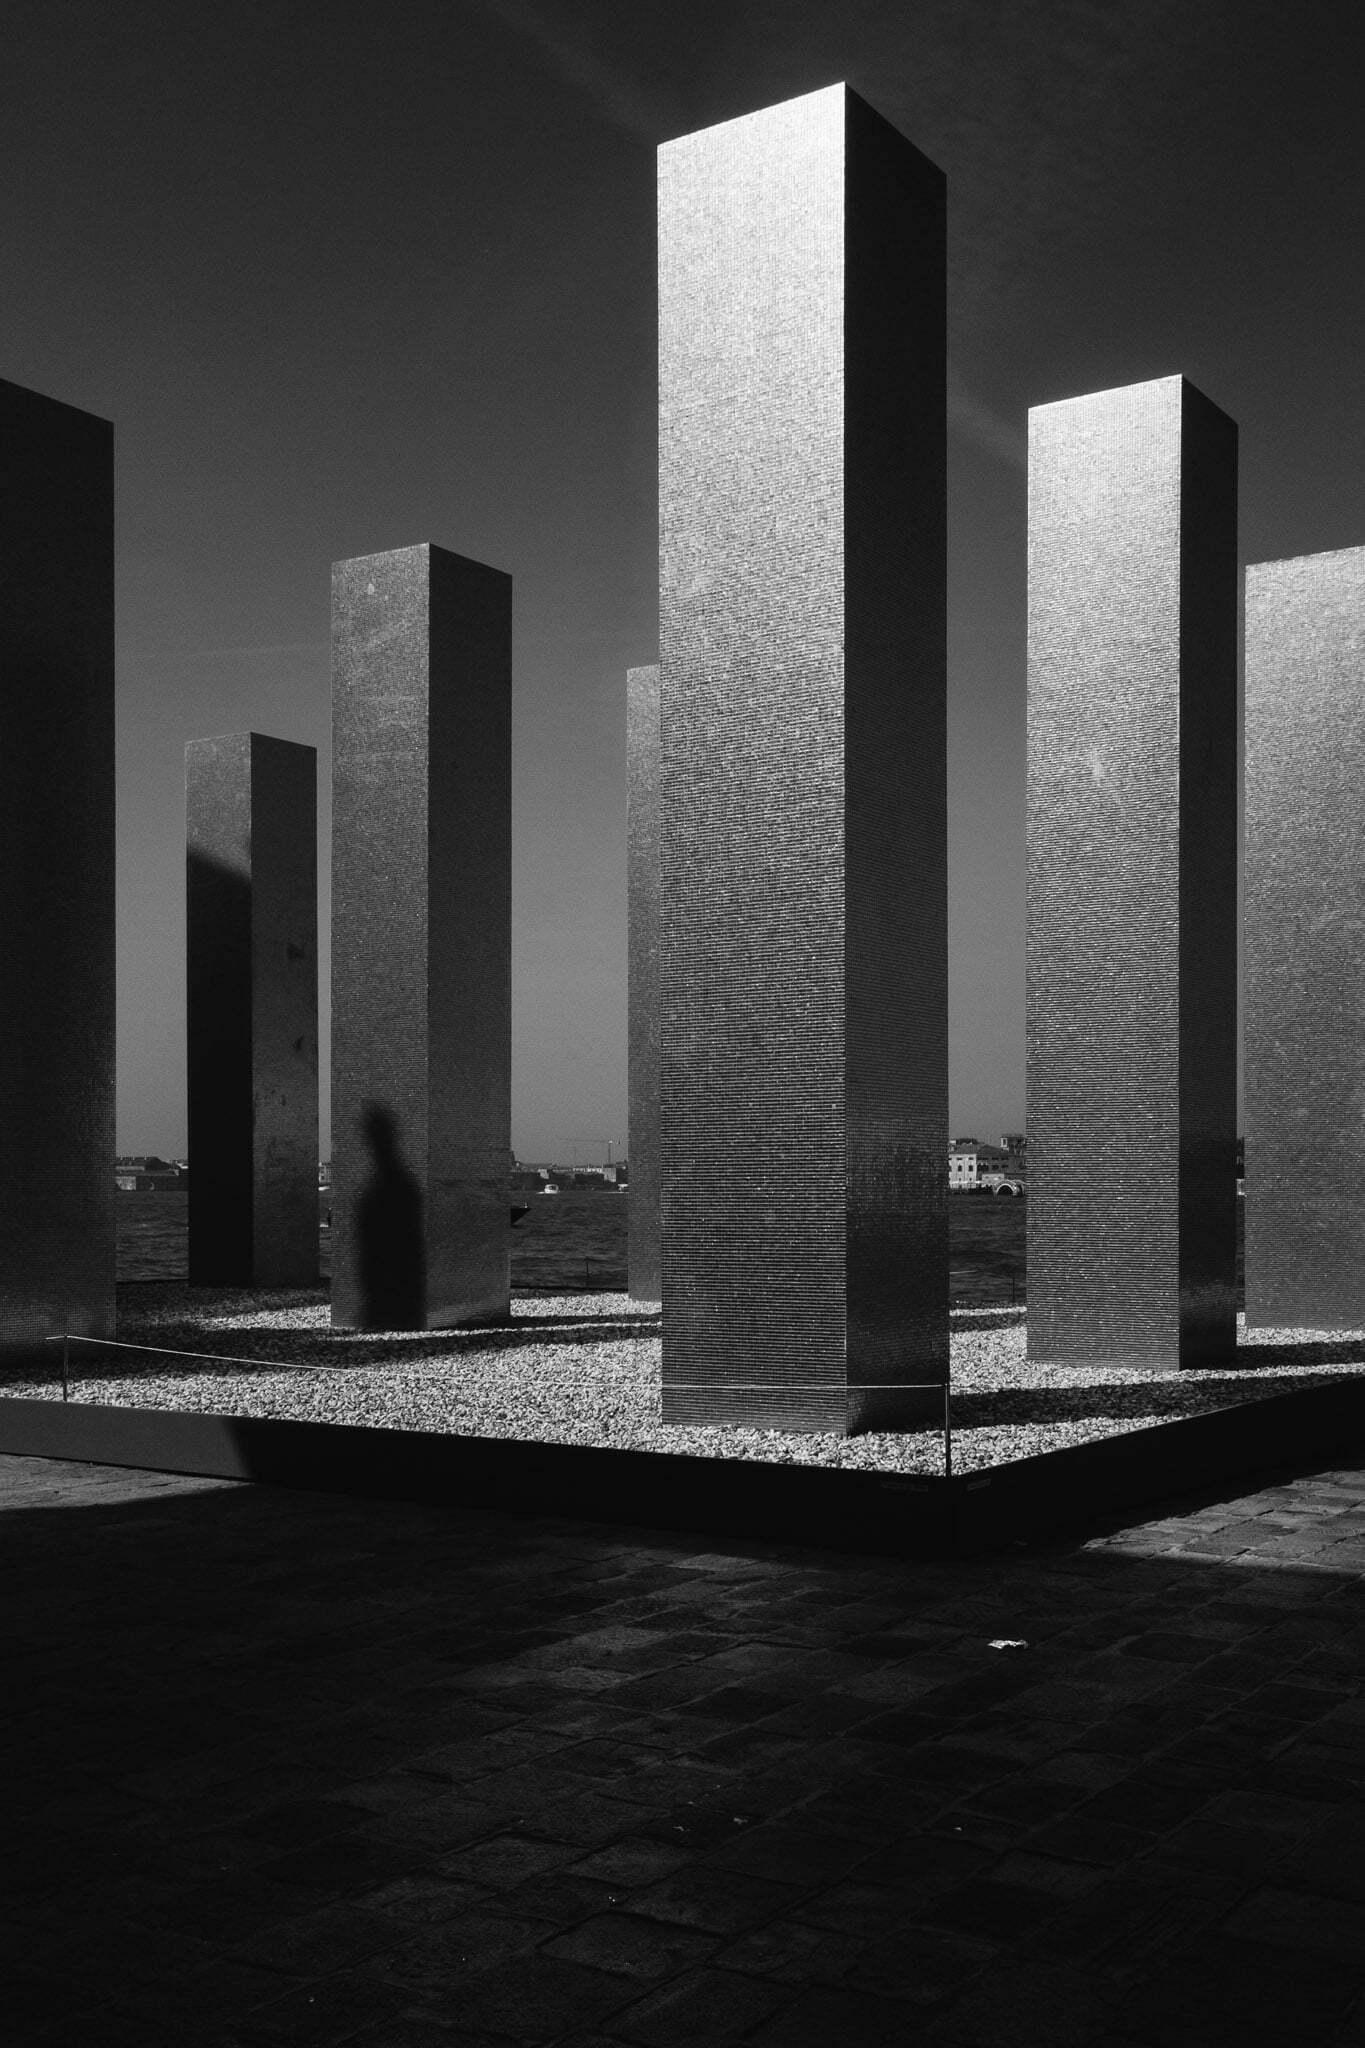 venice-architecture-biennale-2014-golden-columns-7775